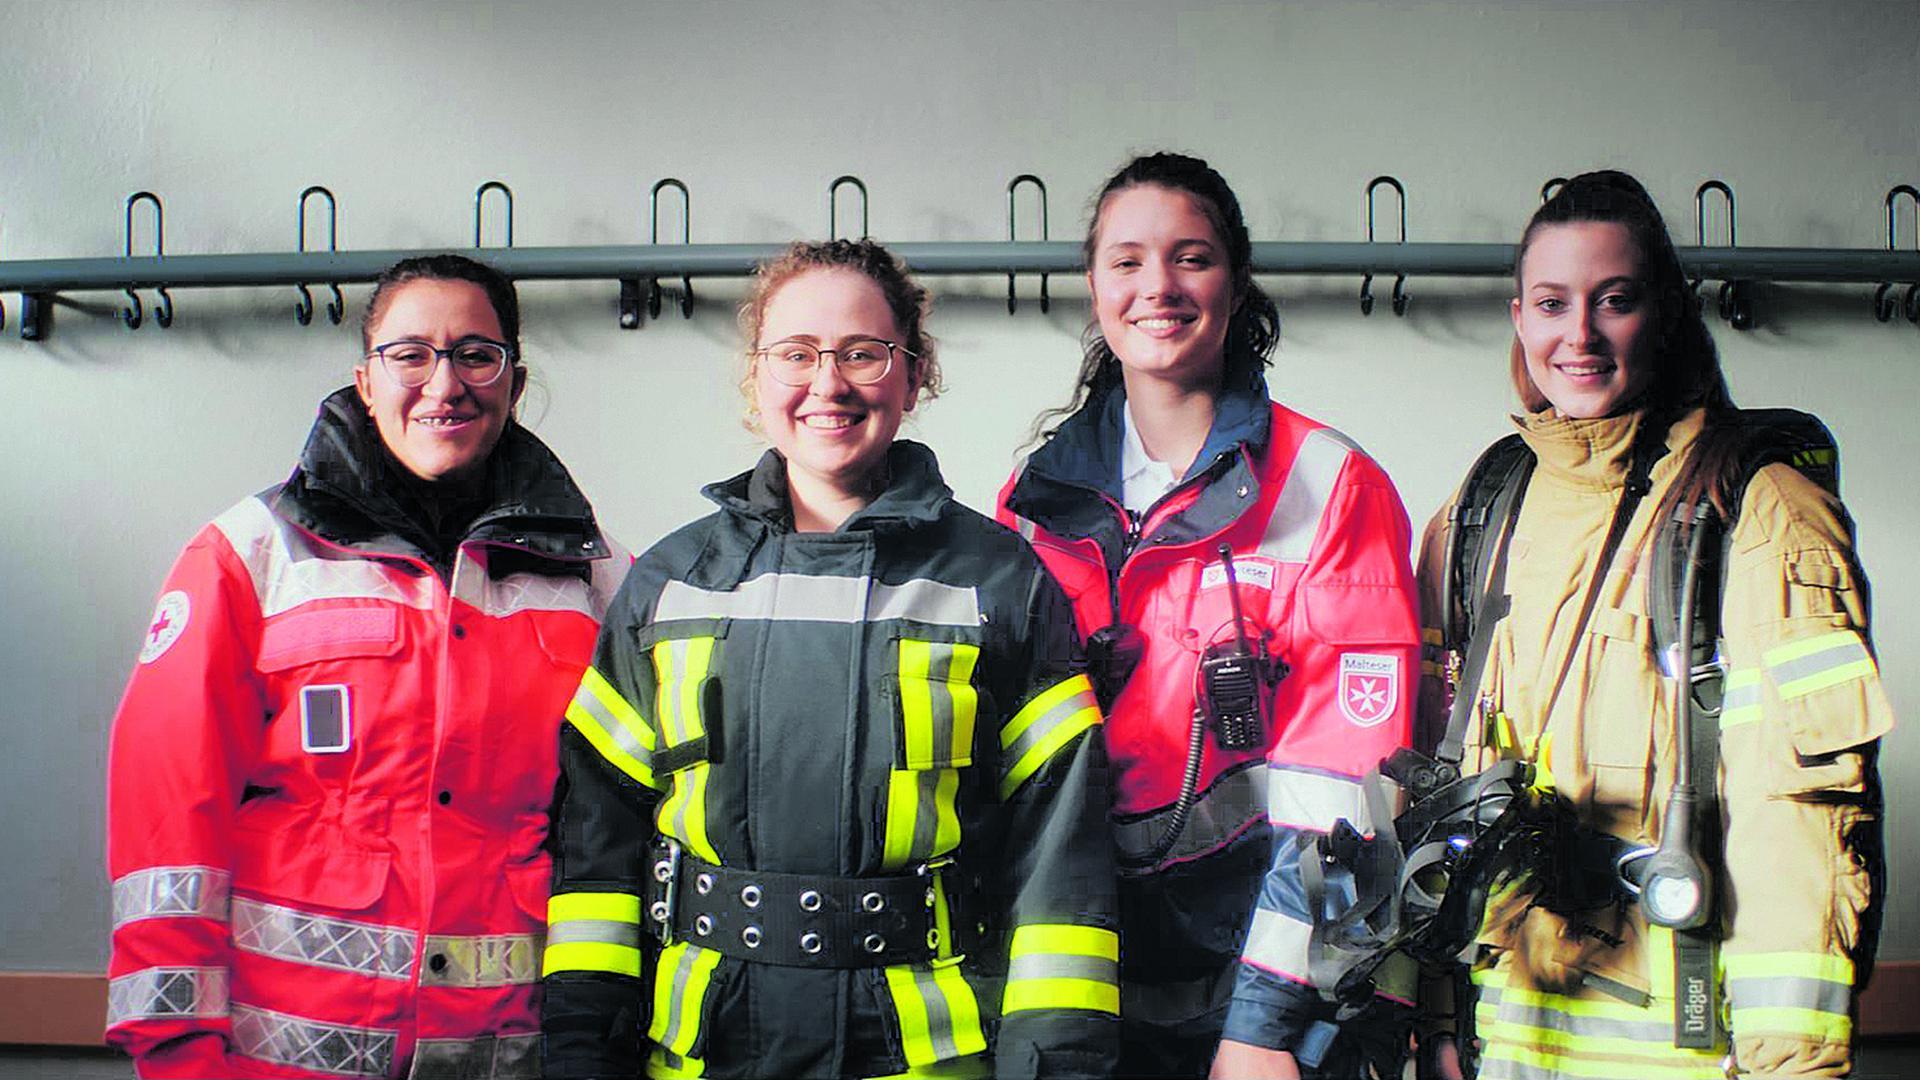 Junge Frauen in Rettungsuniformen. Werbekampagne des Bevölkerungsschutzes Baden-Württemberg 2021.